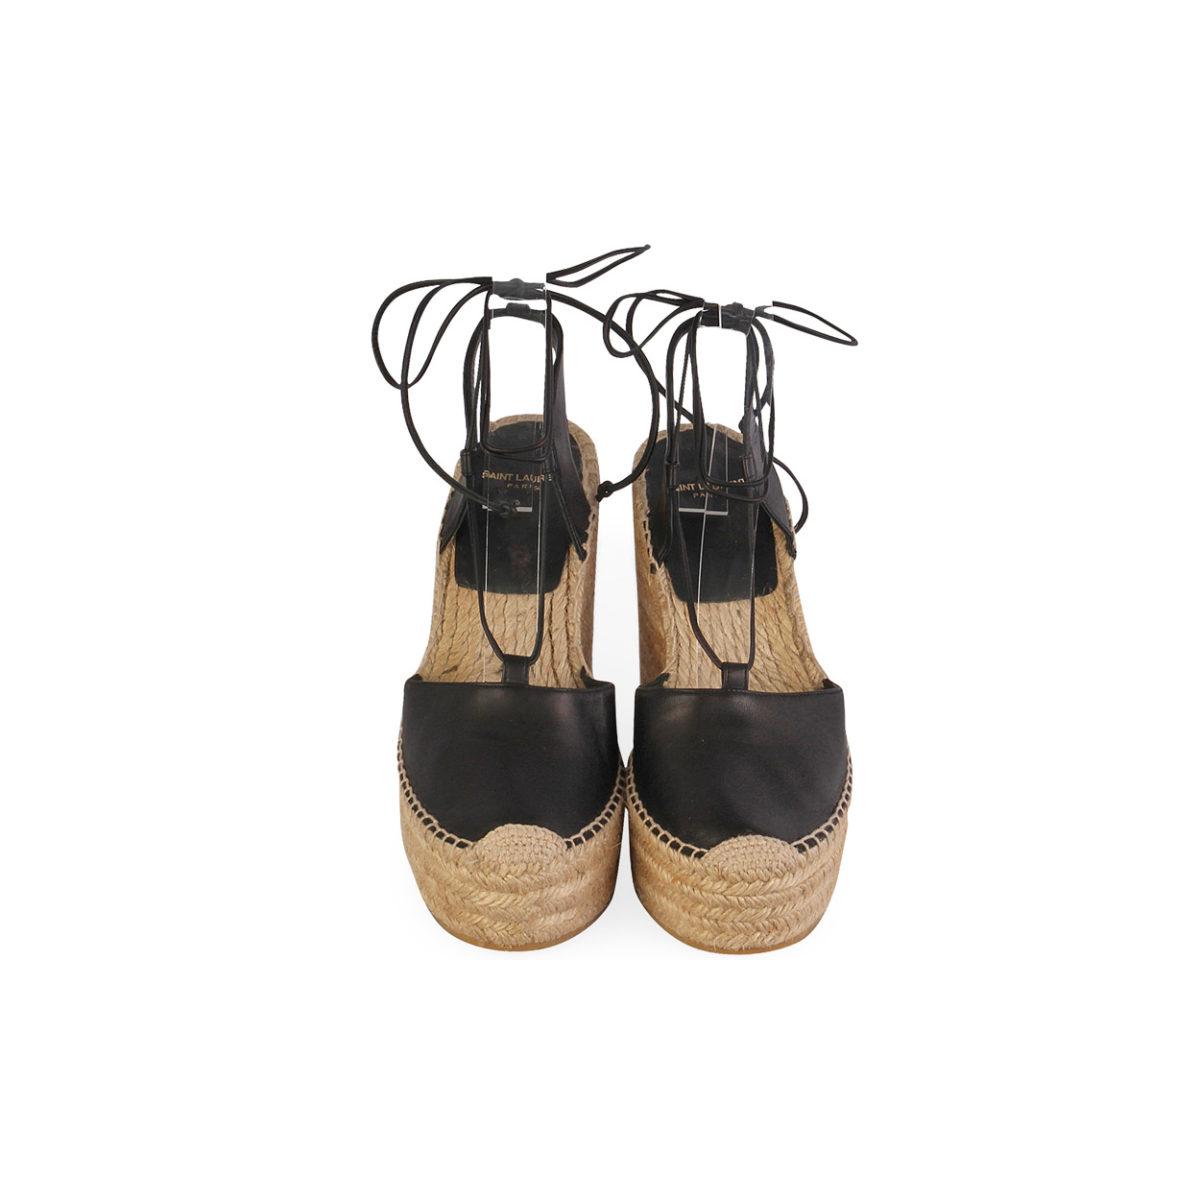 d4e7e51ec0d SAINT LAURENT Leather Espadrille Wedges Black - S: 38.5 (5.5) | Luxity